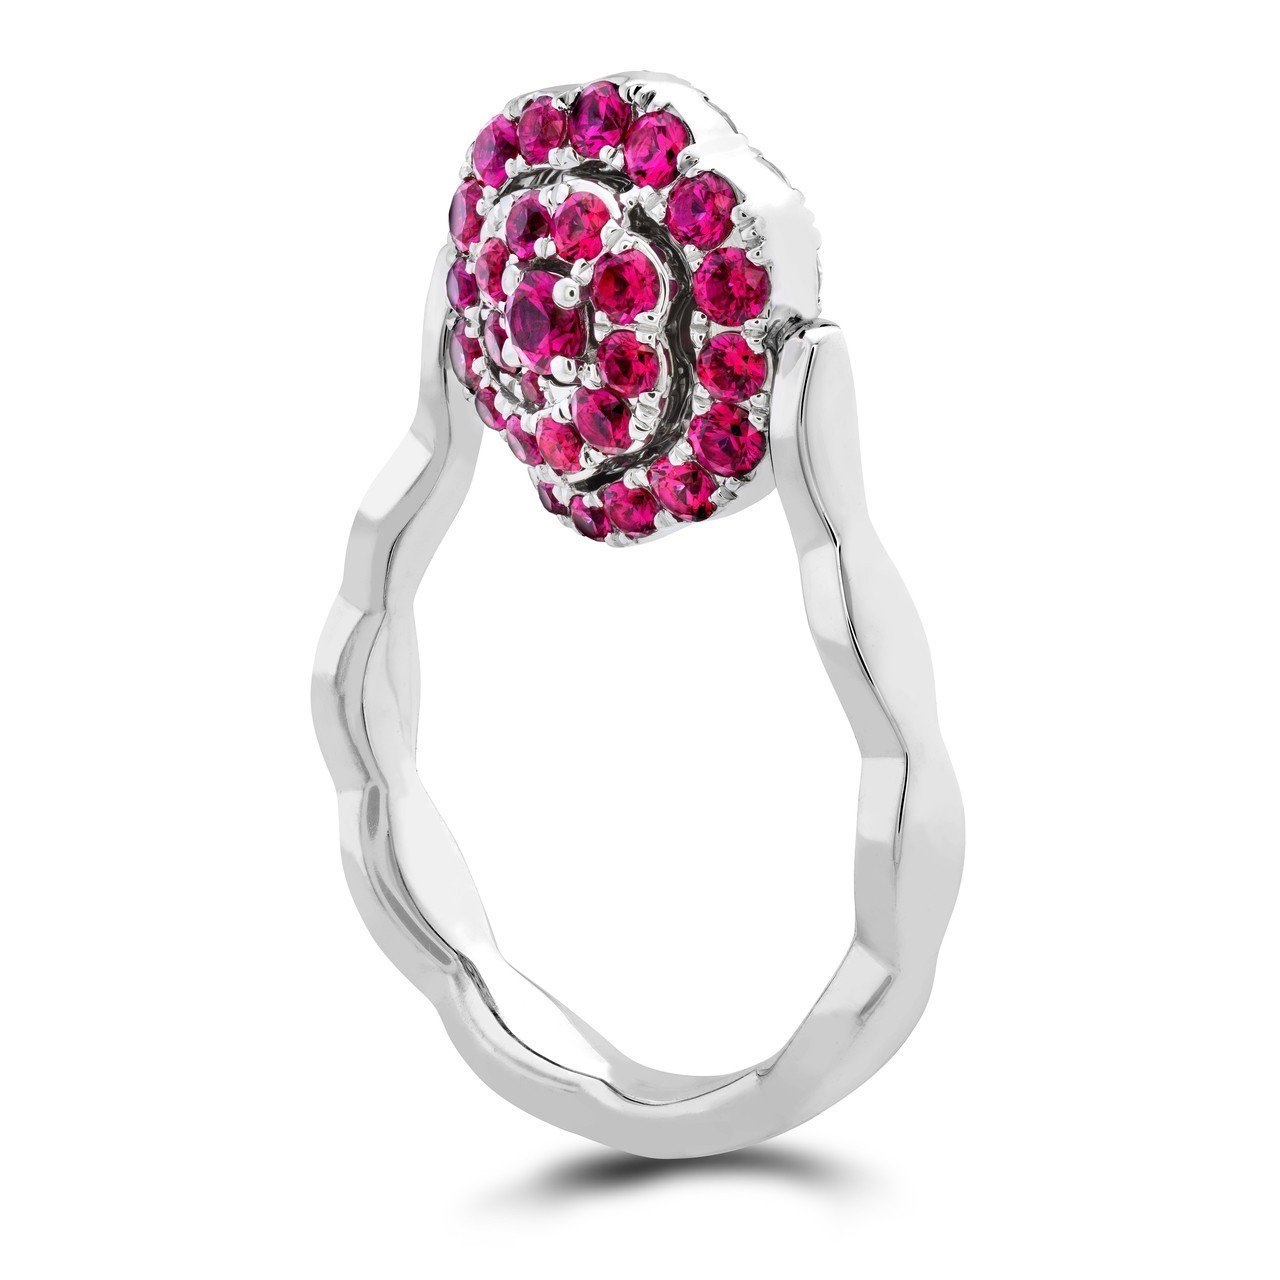 LORELEI慈善珠寶系列可翻轉式戒指,白K金鑲嵌鑽石總重約0.6克拉、紅寶石總...